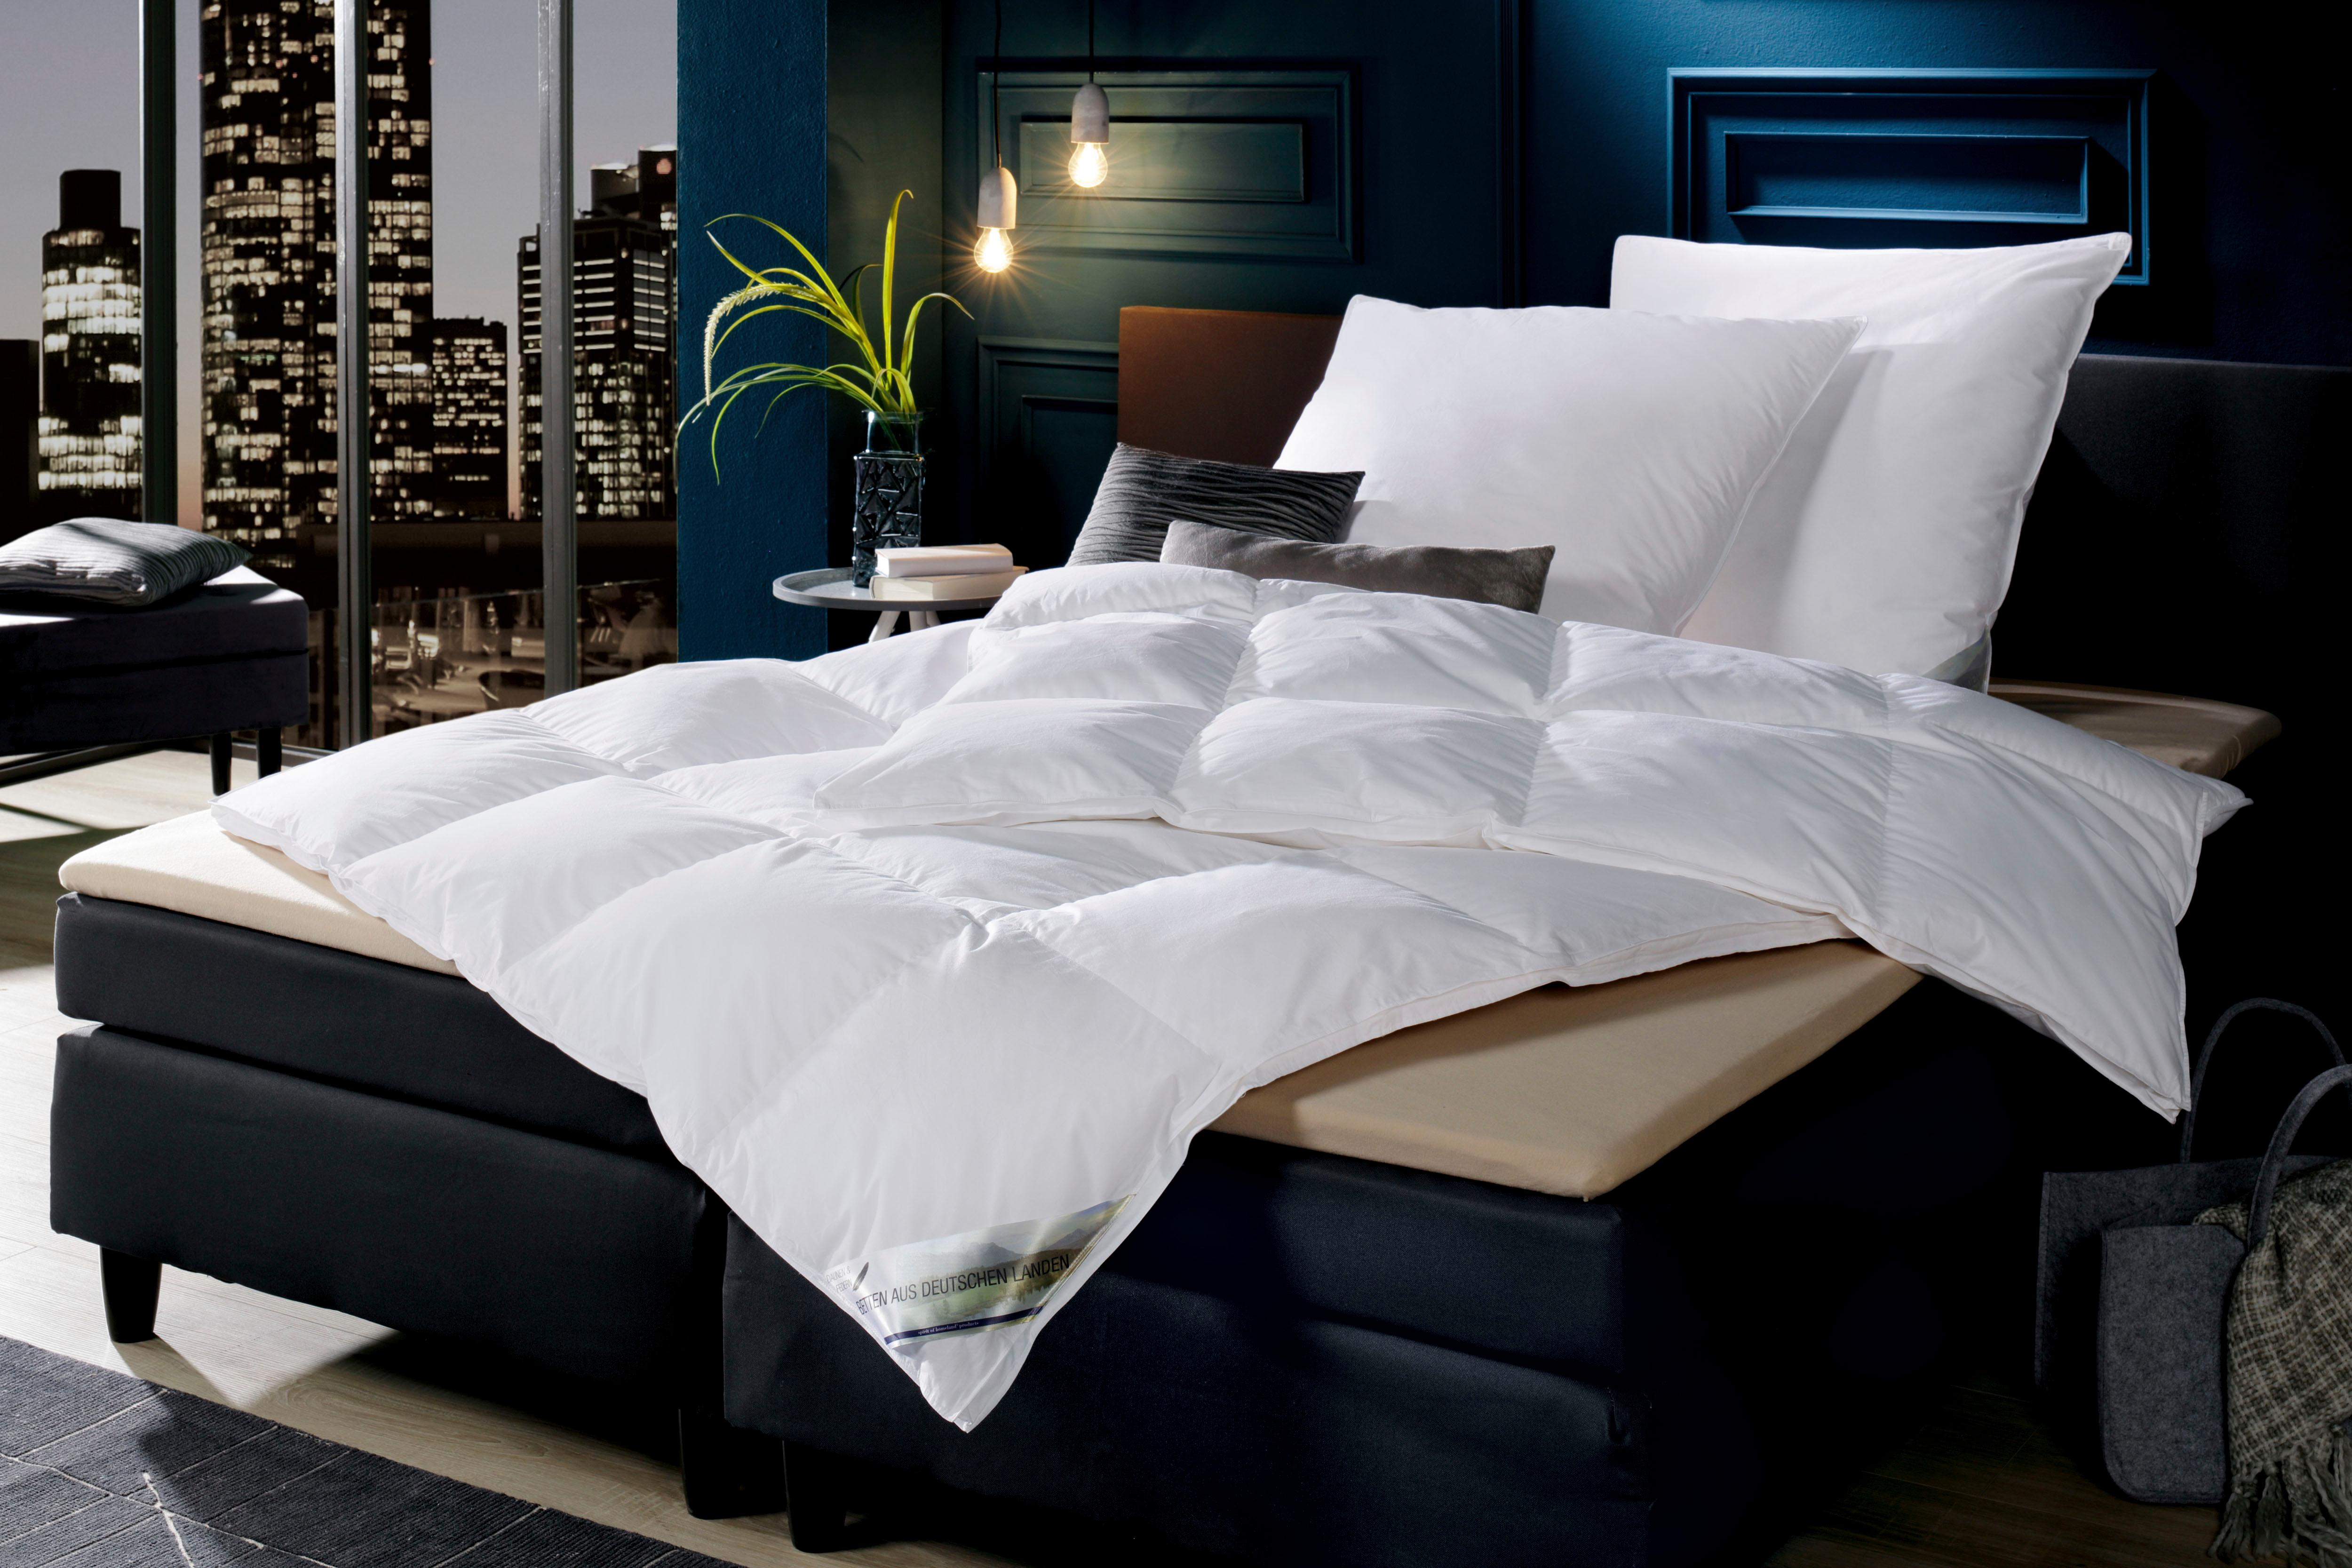 Daunenbettdecke Betten aus Deutschen Landen KBT Bettwaren extrawarm Füllung: 90% Daunen 10% Federn Bezug: 100% Baumwolle